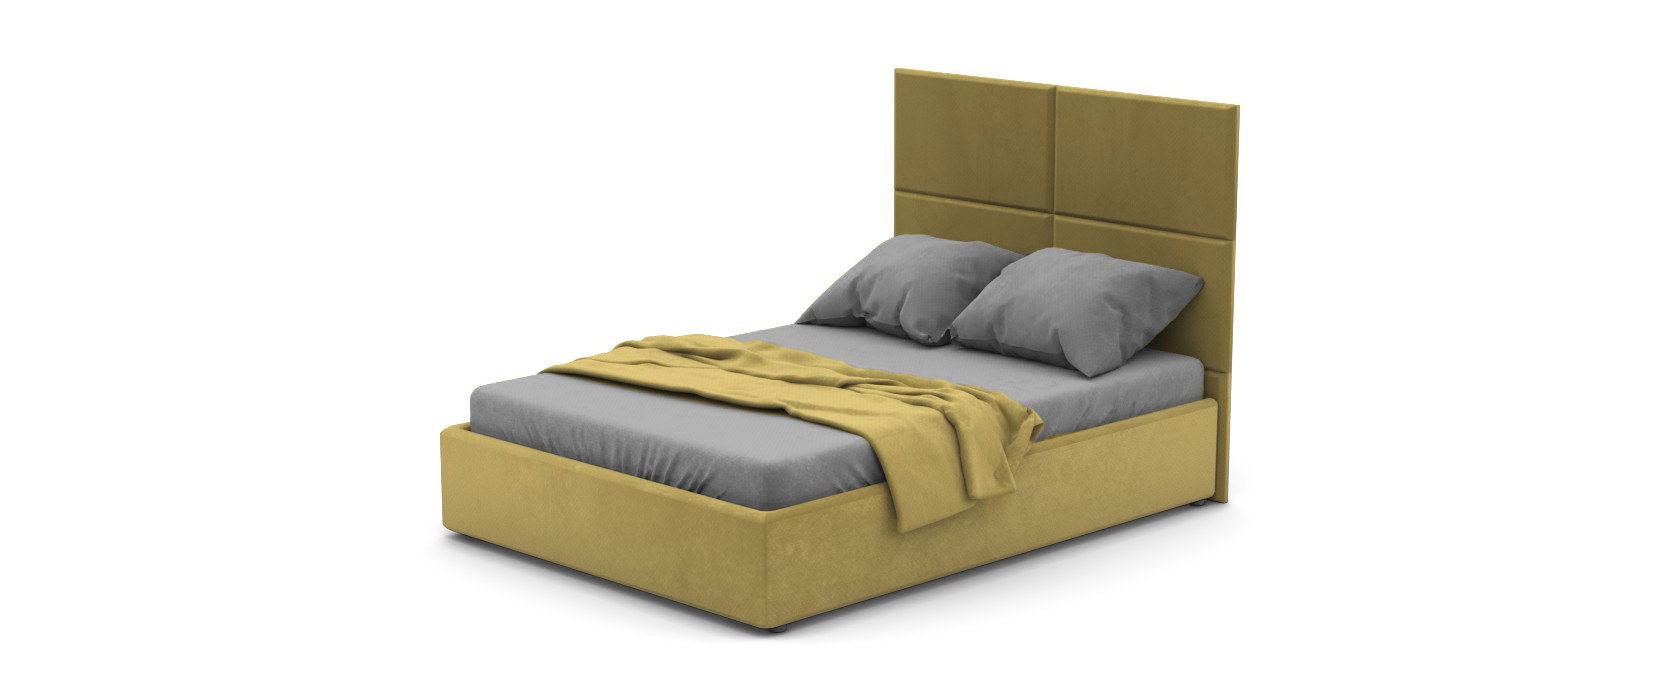 Кровать Foglia со стеновыми панелями